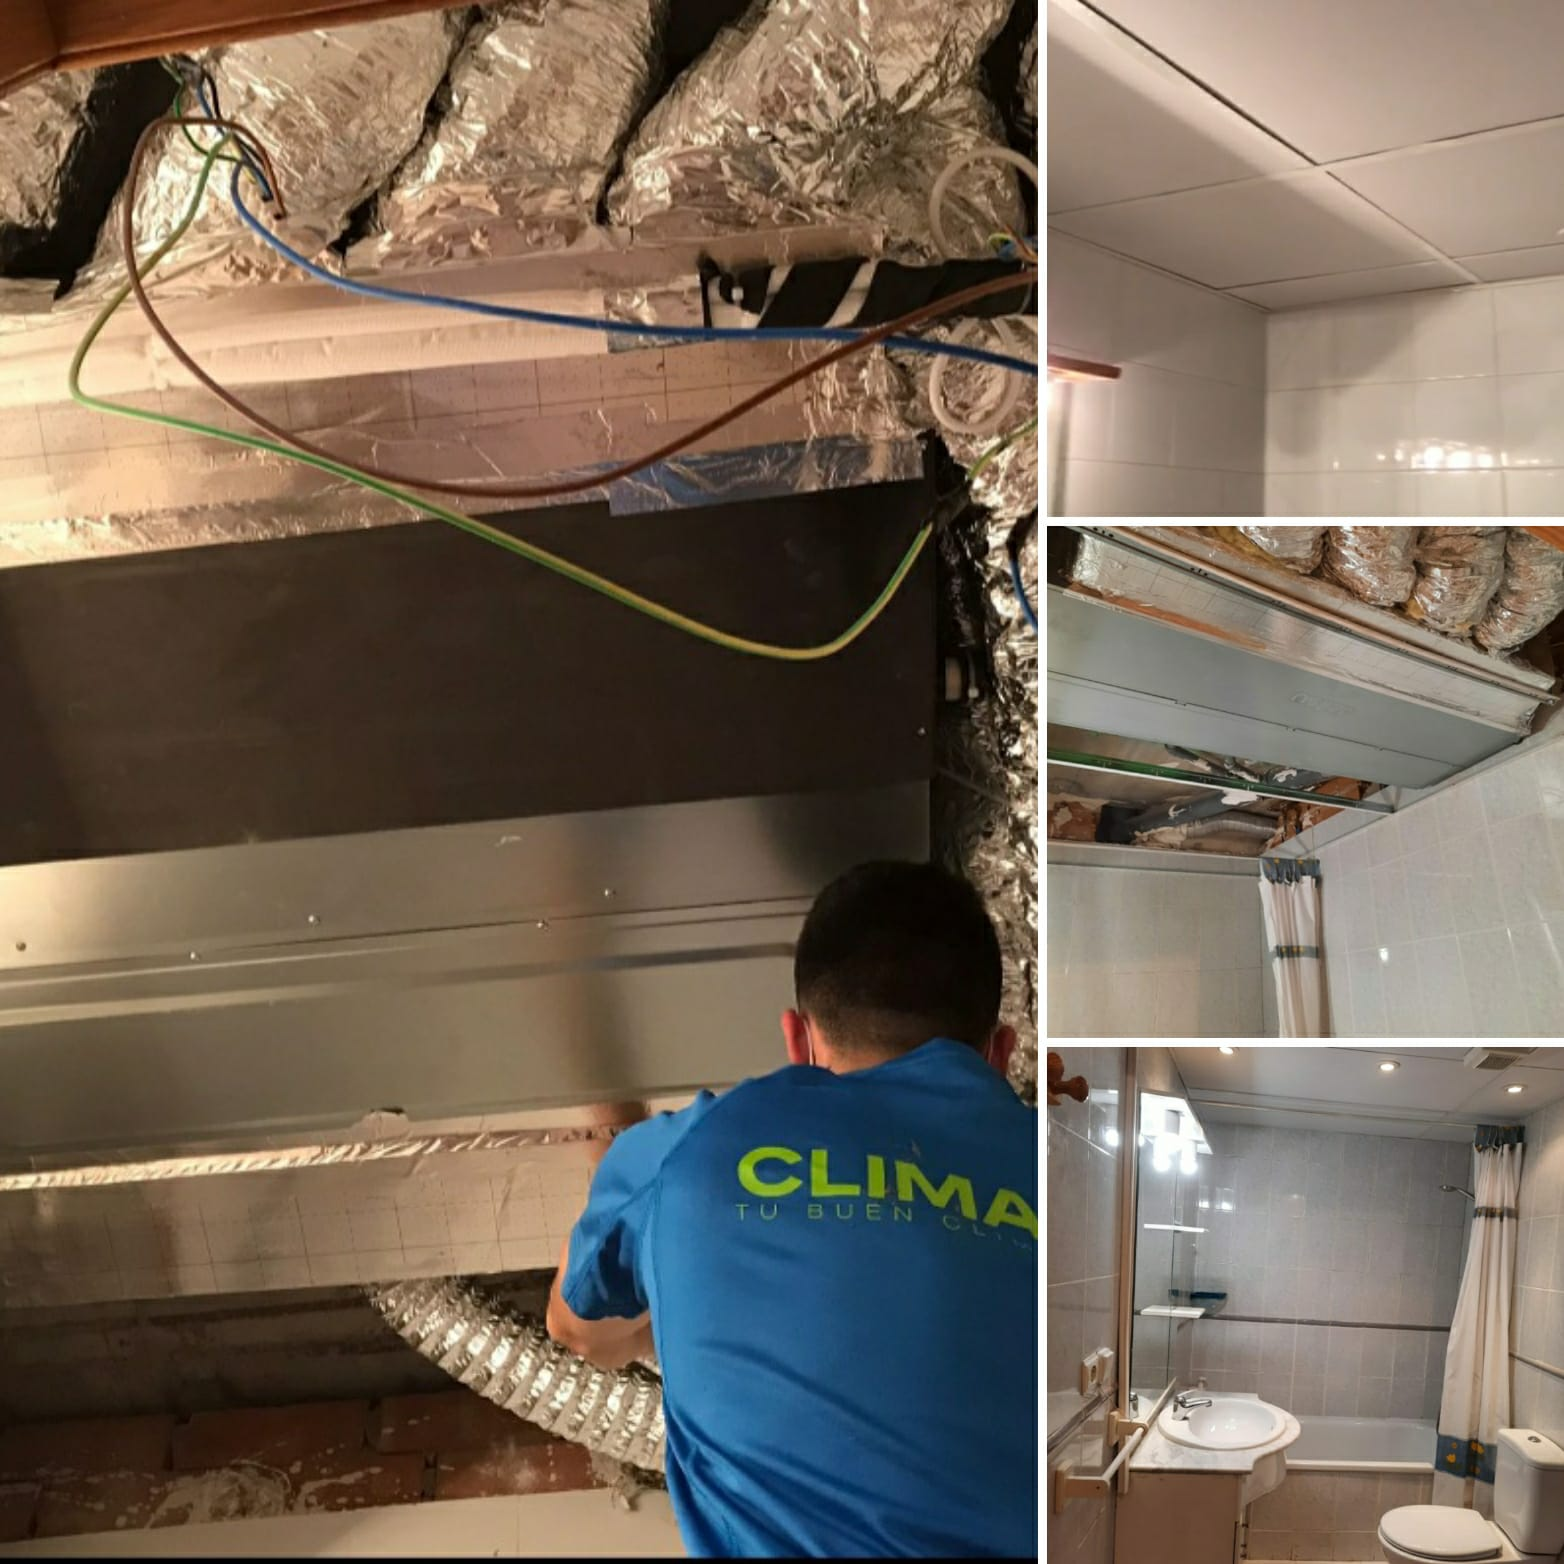 Climagadea instalacion de aires acondicionados en Alicante 4